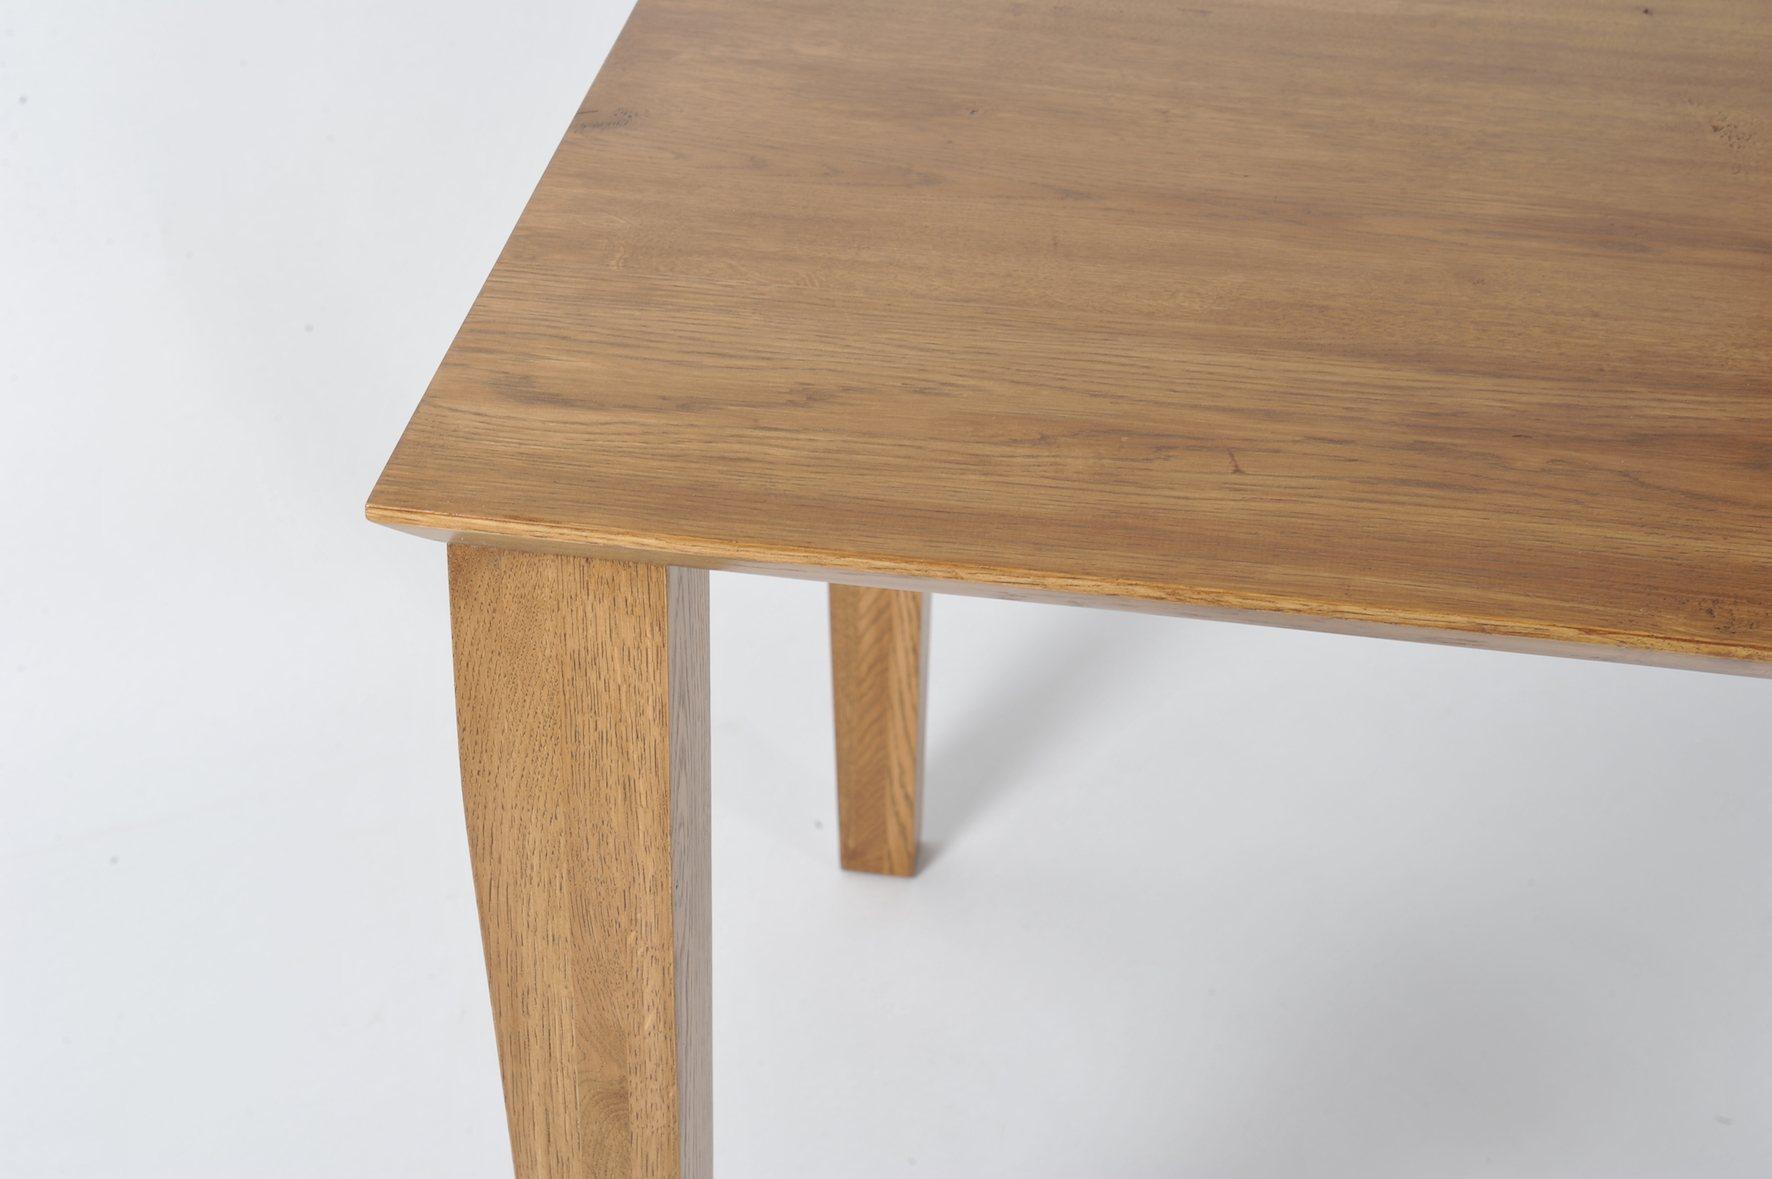 Houtwerff tafels op maat meubelmaker uit eindhoven for Tafel op maat